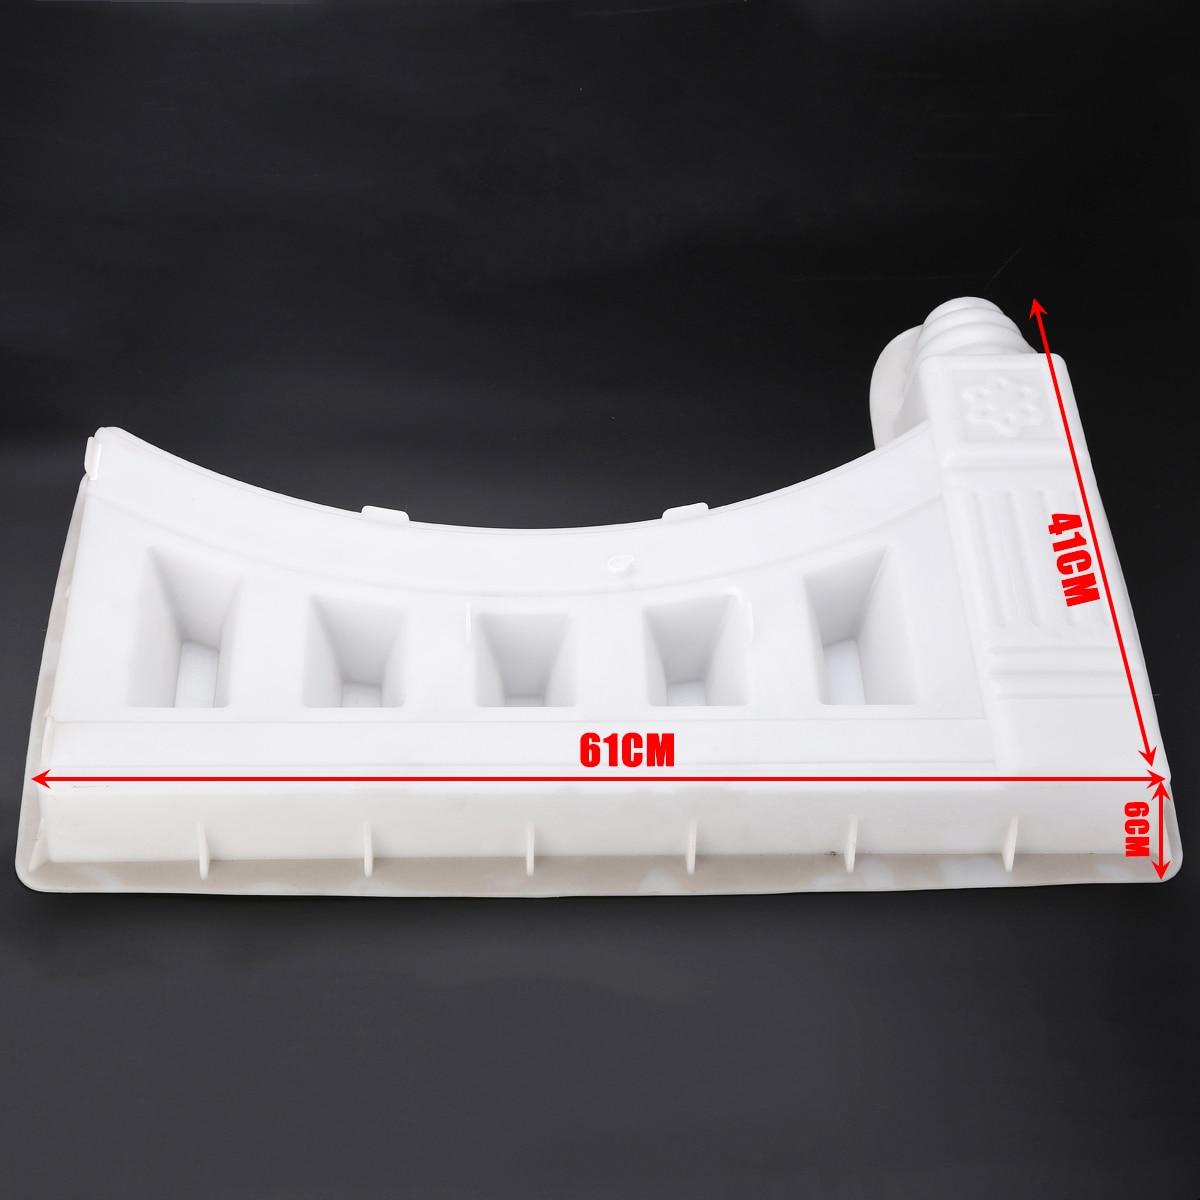 Mattoni Forati Per Recinzioni Giardino.Bianco Di Plastica Da Giardino Stampo Recinzione Mattoni Forati